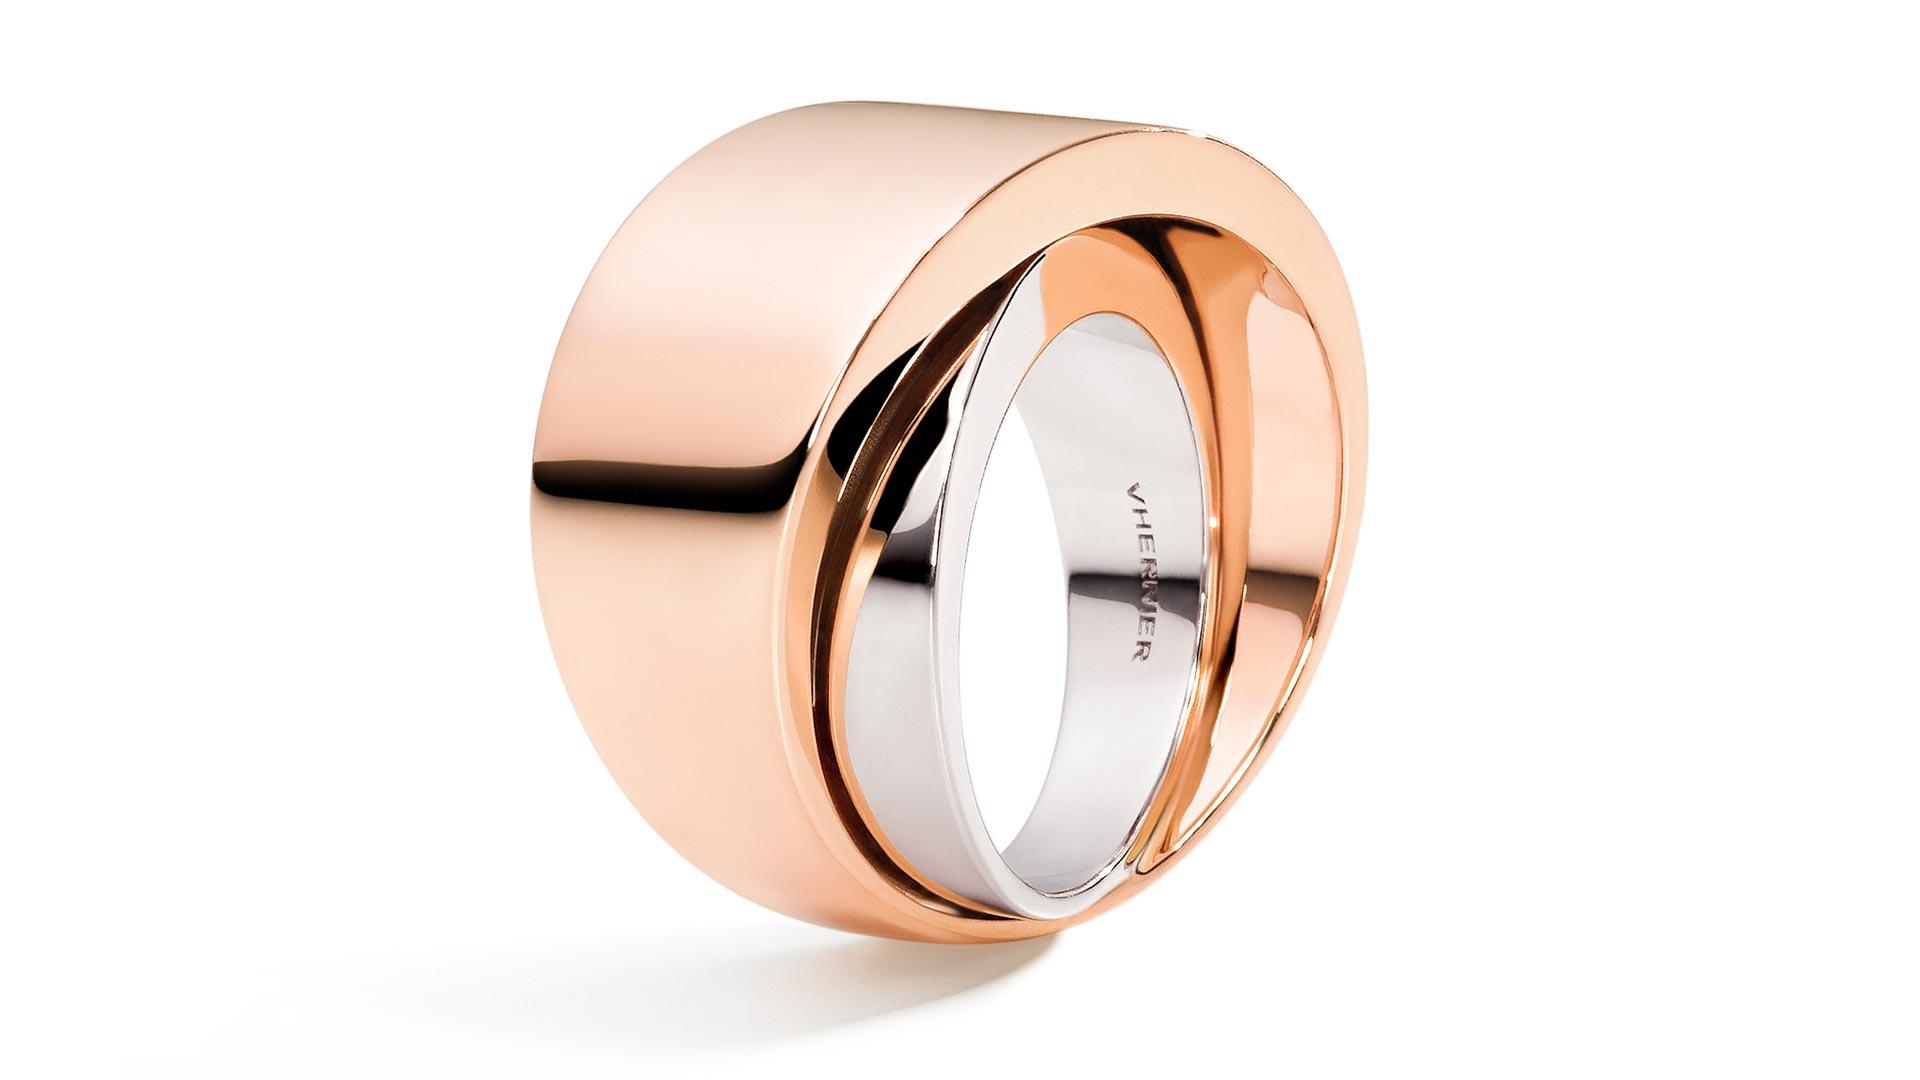 Tourbillon Midi ring